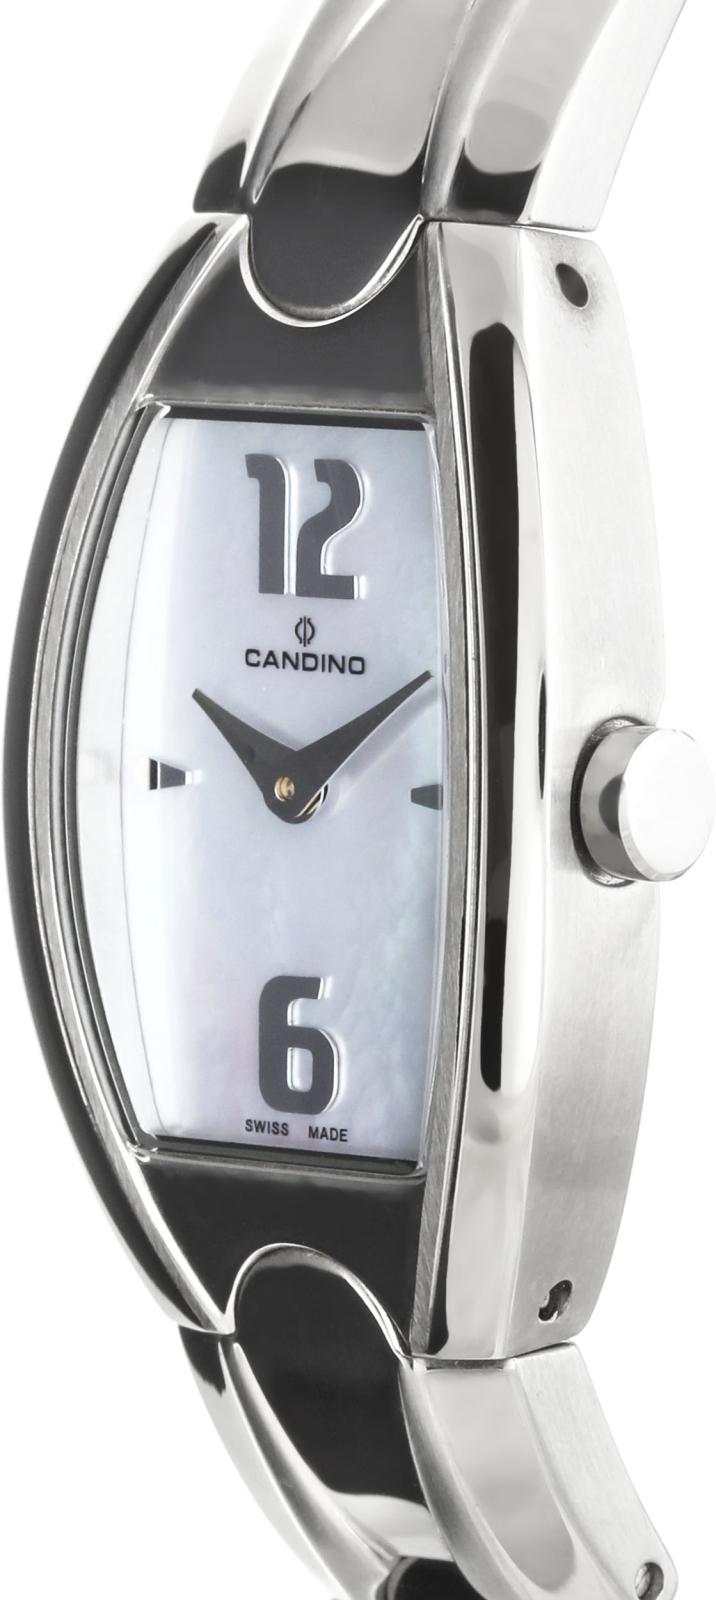 Candino D-Light C4287/3Наручные часы<br>Швейцарские часы Candino D-Light C4287/3Часы принадежат коллекции D-Light. Это модные женские часы. Материал корпуса часов — сталь. Циферблат часов защищает минеральное стекло. Водозащита этих часов 30 м.<br><br>Пол: Женские<br>Страна-производитель: Швейцария<br>Механизм: Кварцевый<br>Материал корпуса: Сталь<br>Материал ремня/браслета: Сталь<br>Водозащита, диапазон: 20 - 100 м<br>Стекло: Минеральное<br>Толщина корпуса: None<br>Стиль: None